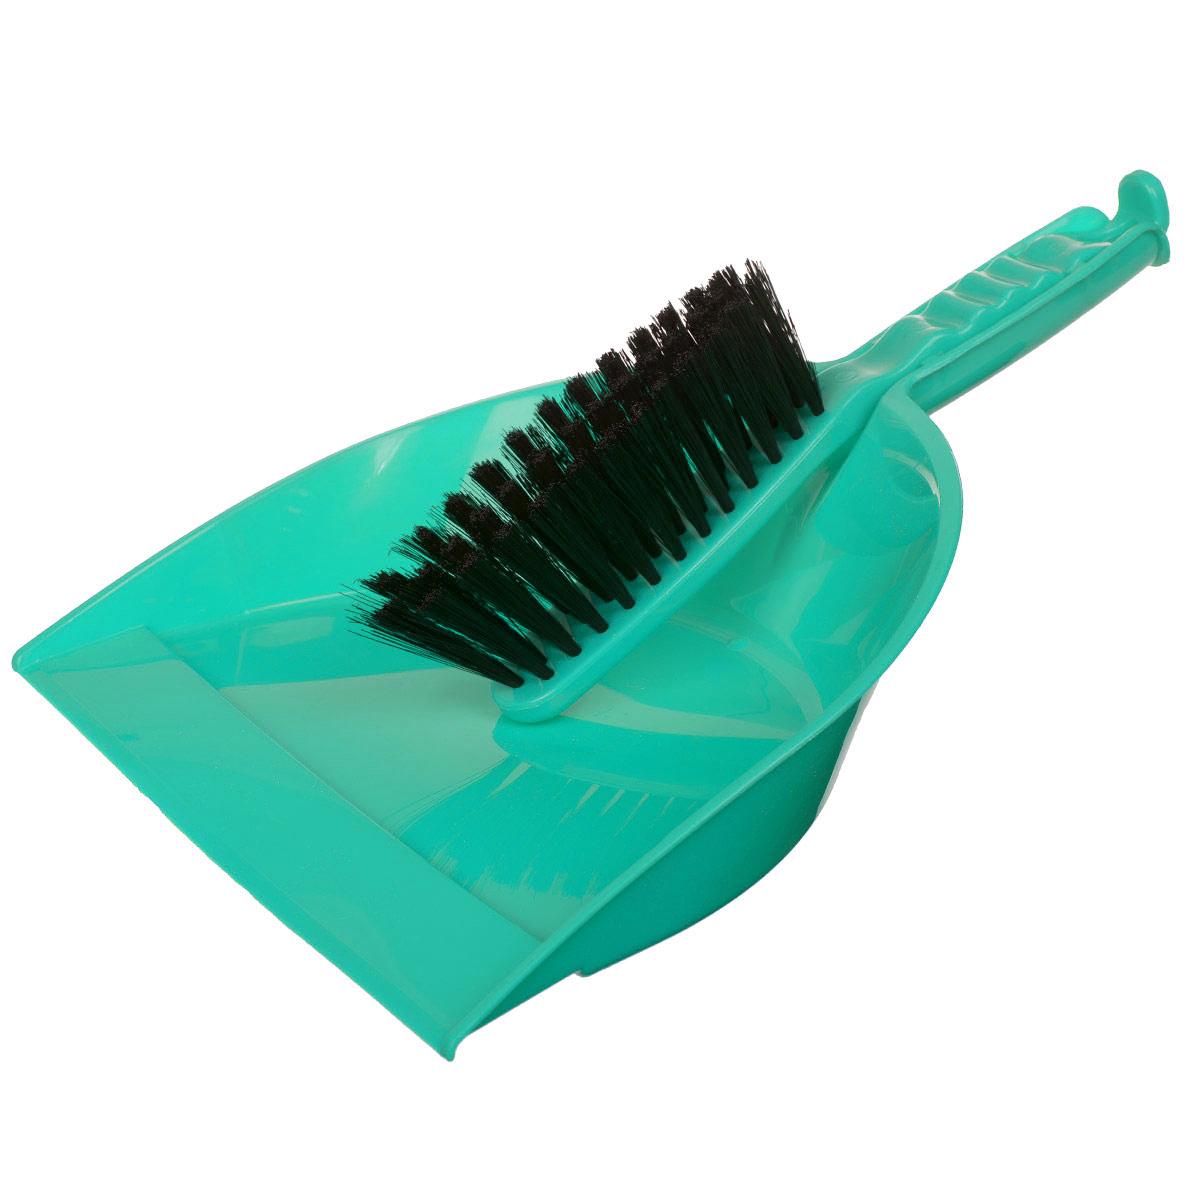 Набор для уборки Альтернатива, цвет: мятный, 2 предметаM893_мятныйНабор для уборки Альтернатива состоит из щетки-сметки и совка. Он станет незаменимым помощником в деле удаления пыли и мусора с различных поверхностей. Эластичный ворс на щетке, изготовленный из полимера, не оставит от грязи и следа. В комплекте вместительный совок углубленной формы,выполненный из прочного пластика. Удобная форма совка с бордюром, который удерживает собранный мусор, позволит эффективно и быстро совершить уборку в любом помещении. Ручка совка позволяет прикреплять его к рукоятке щетки. На рукояти изделий имеется специальное отверстие для подвешивания. Длина щетки-сметки: 27 см. Длина ворса: 5 см. Размер рабочей поверхности совка: 23,5 см х 23,5 см.Размер совка (с учетом ручки): 33,5 см х 23,5 см х 6 см.